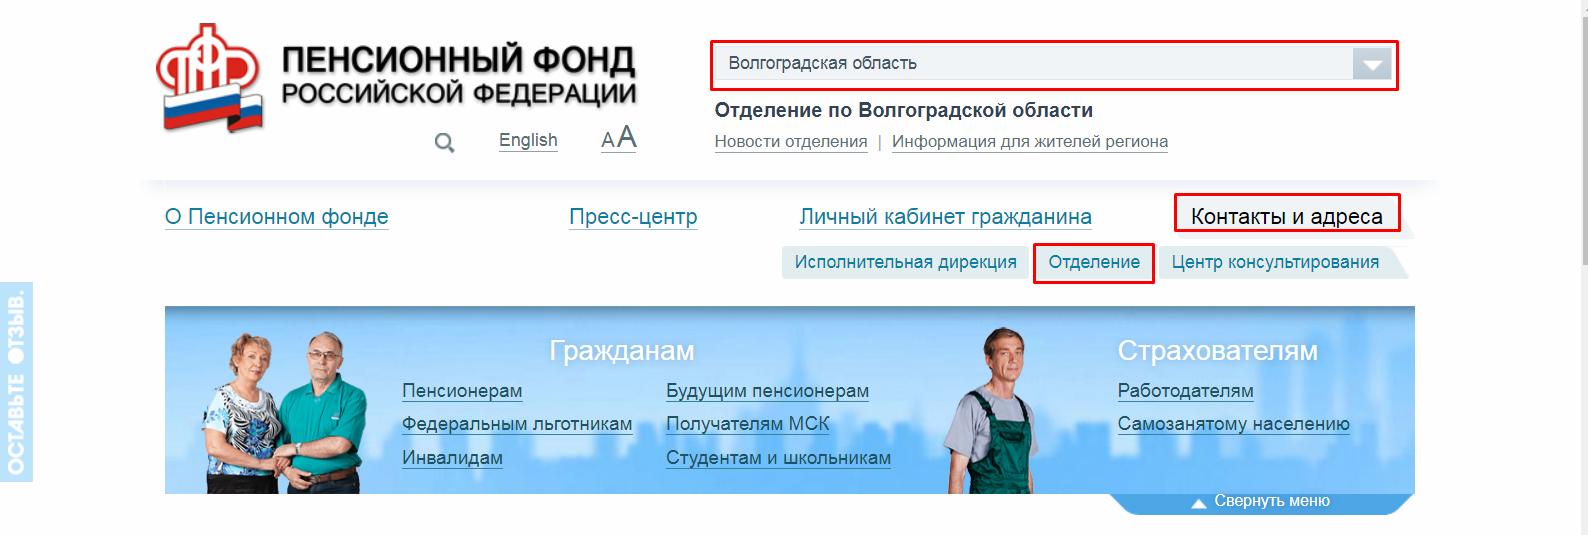 Новый телефон «горячей линии» Пенсионного фонда России